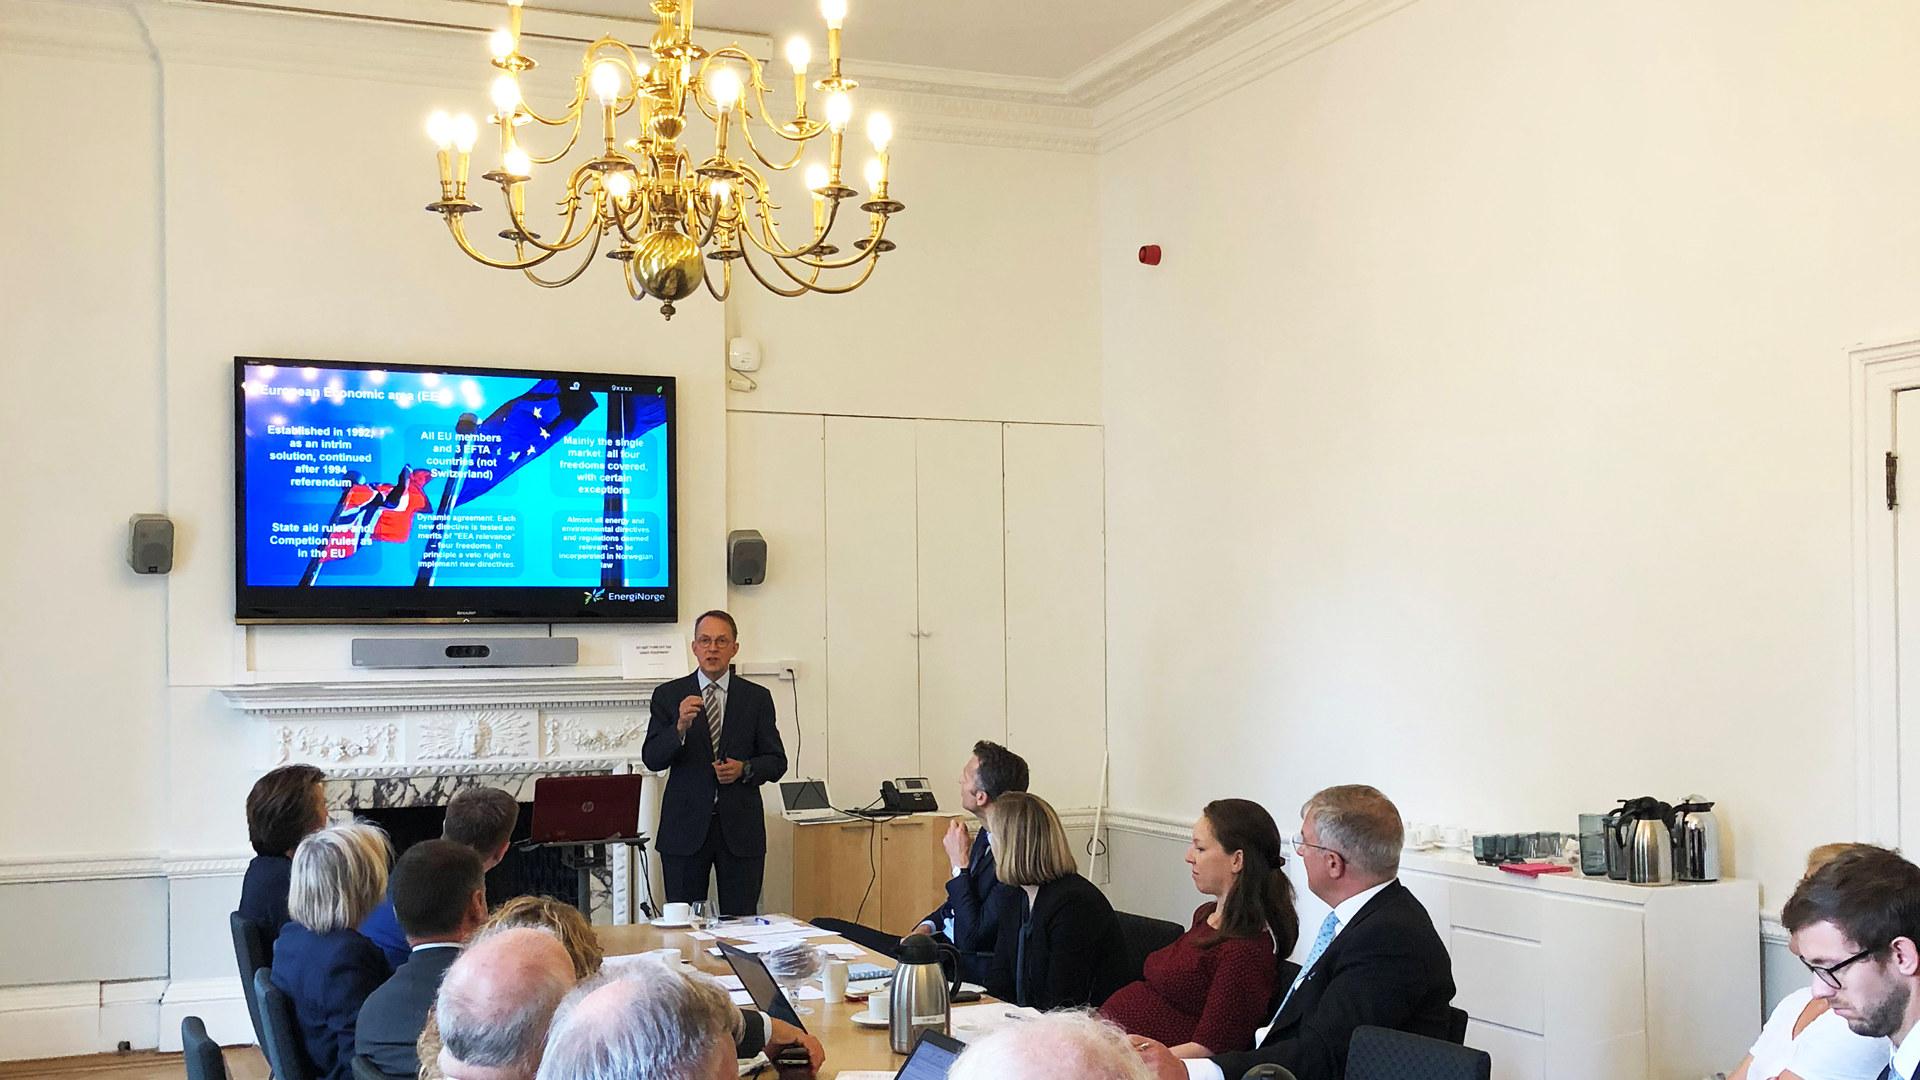 Energi Norge arrangerte 10. september 2018 et møte ved den norske ambassaden i London sammen med Energy UK og Statnett. Temaet for møtet var fremtidig energisamarbeid etter Brexit.